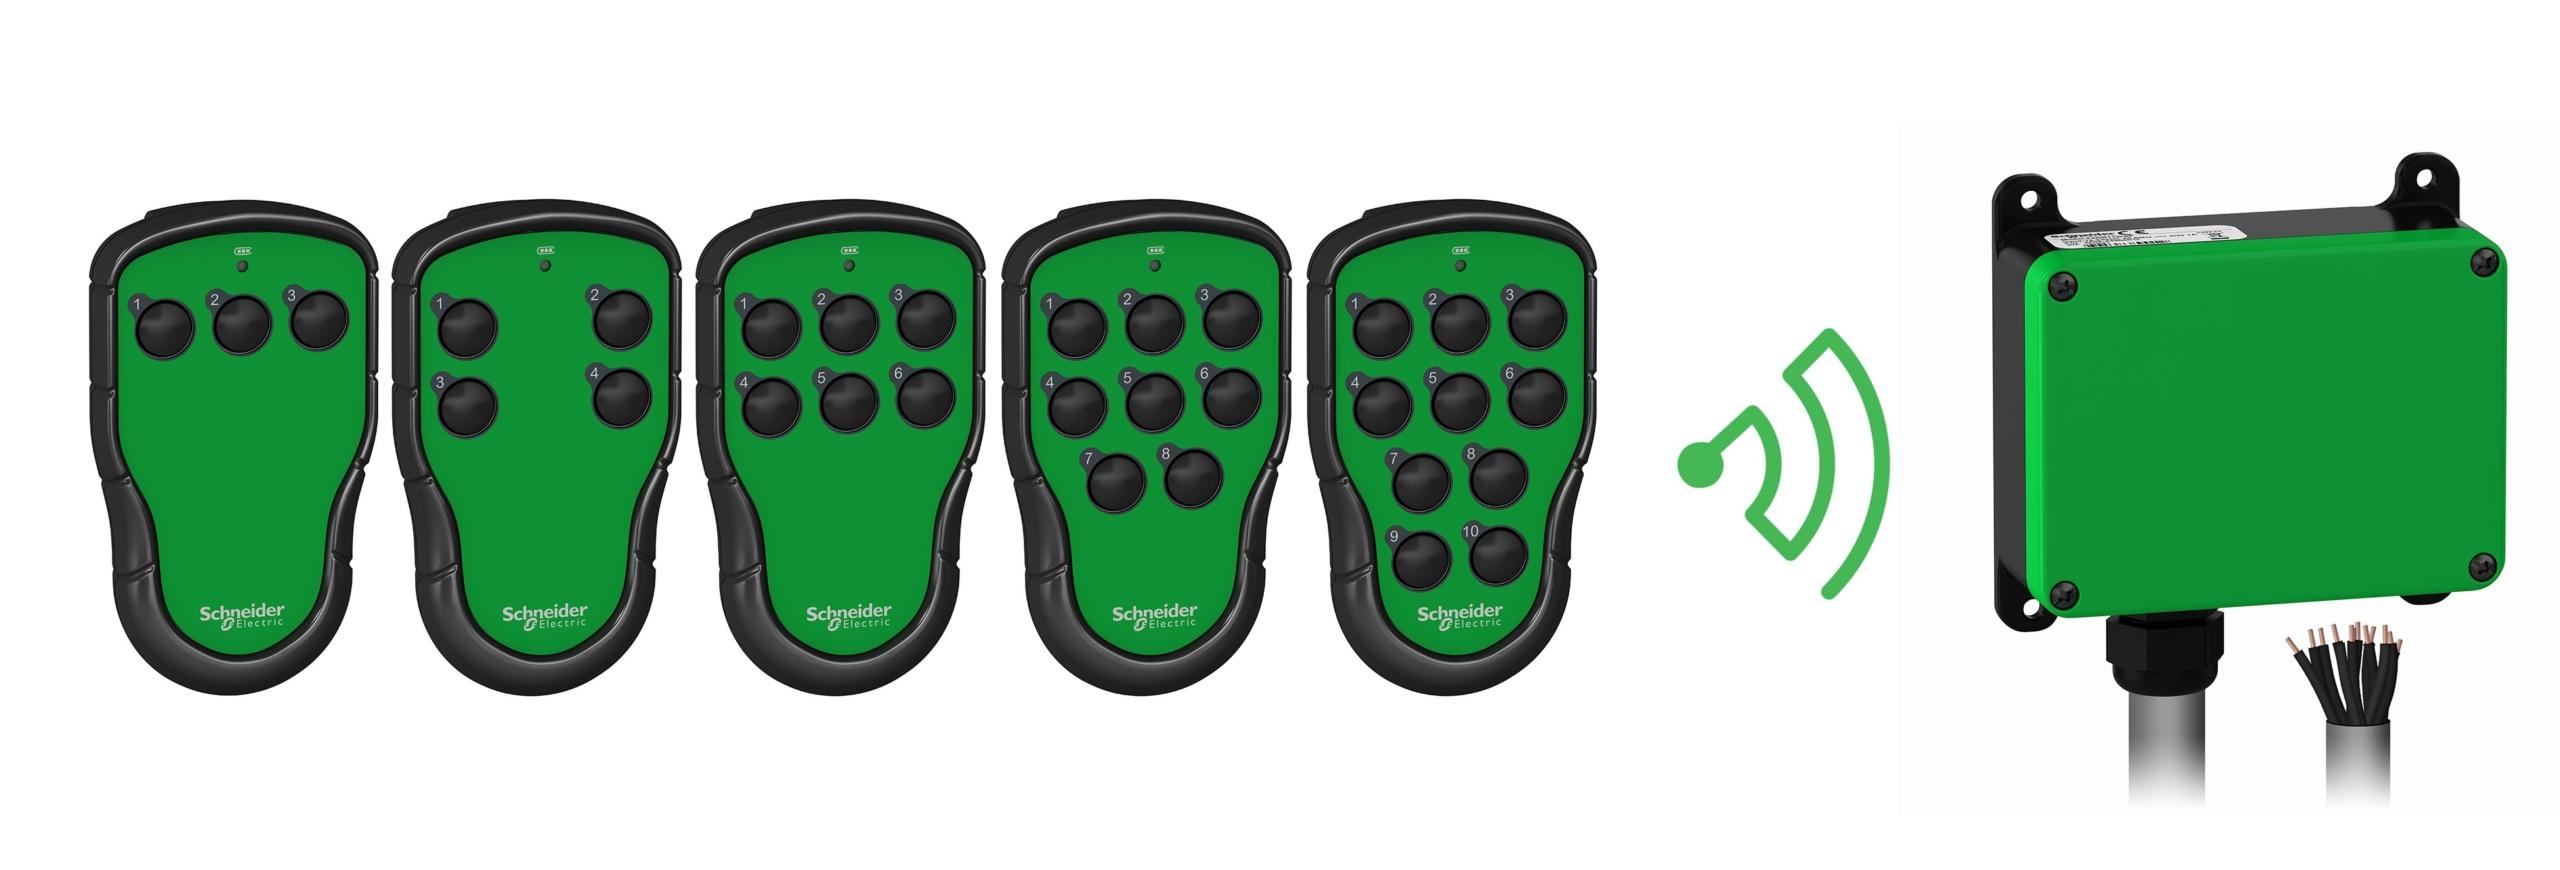 Harmony Pocket Remote er en smart, trådløs fjernbetjening i lommestørrelse, som er nem at have med på fabriksgulvet, i lagerhallen eller ude på marken.